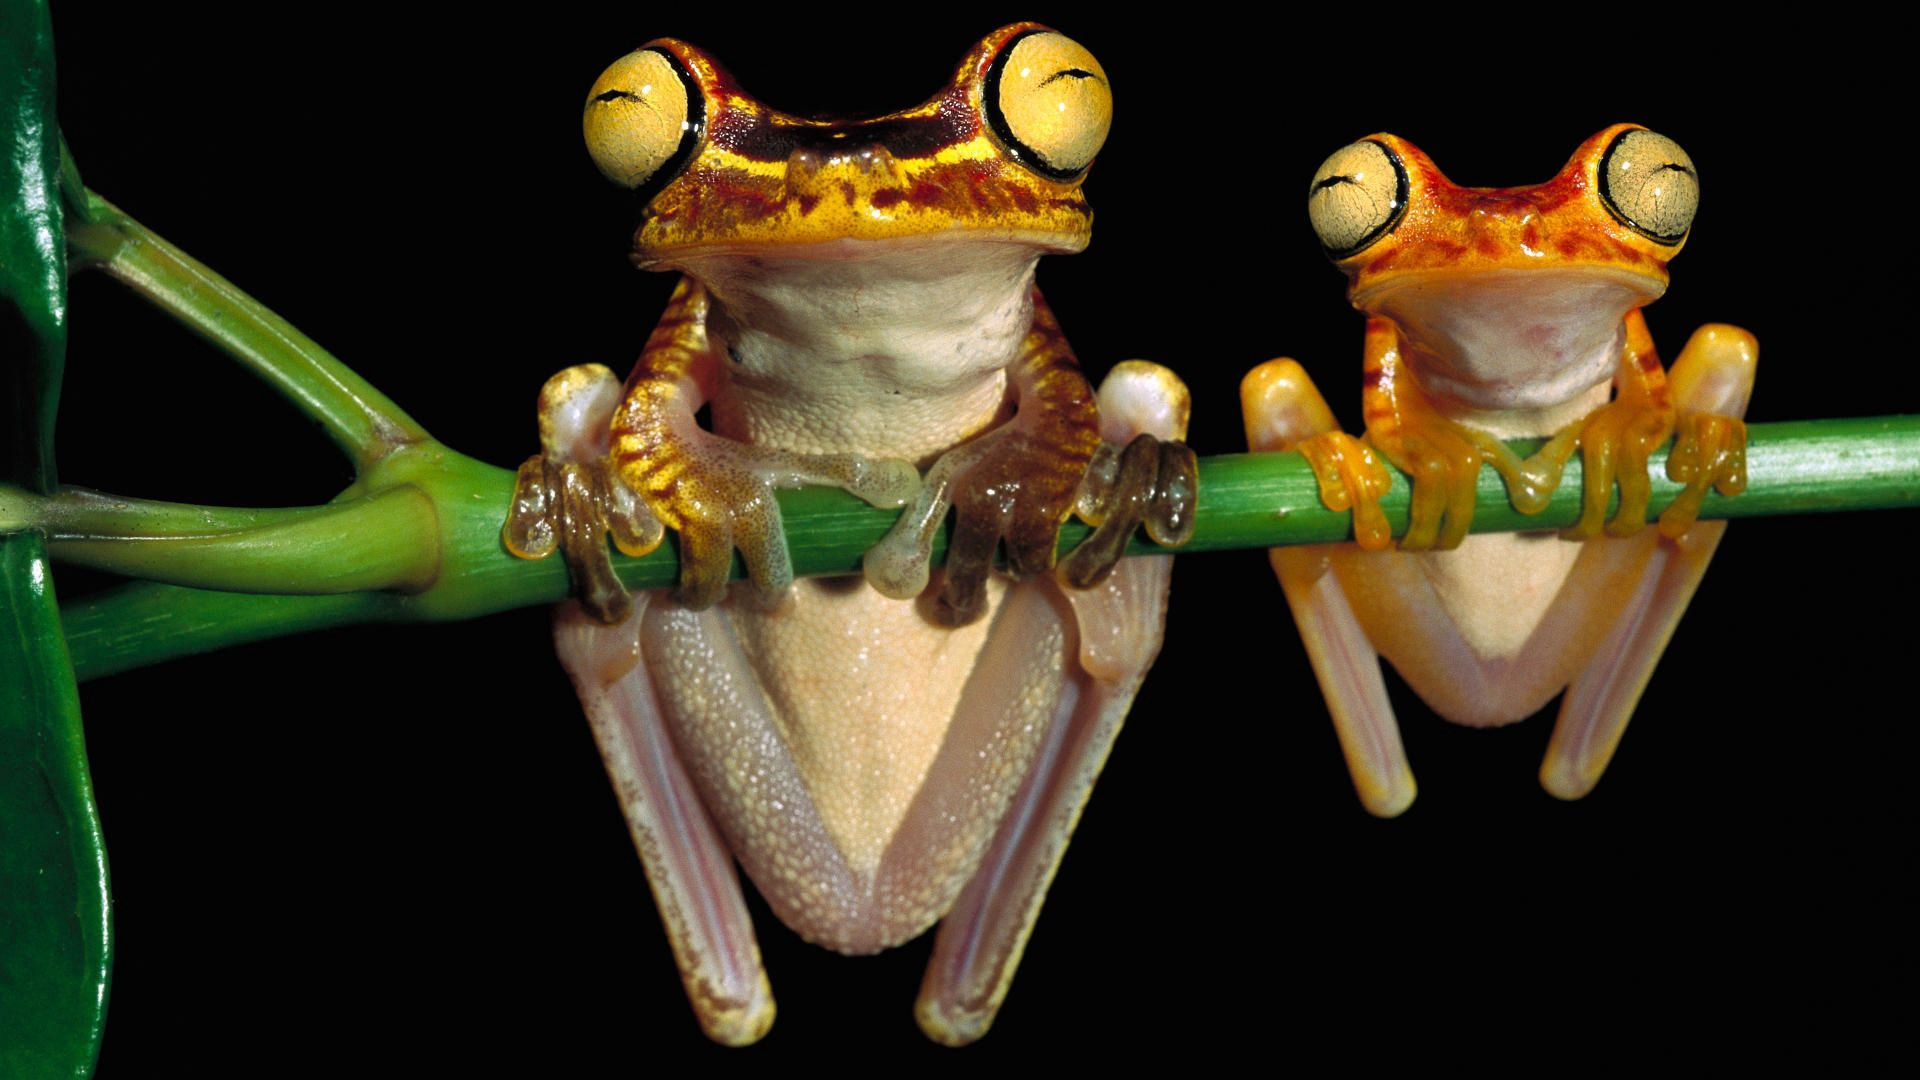 157394 Hintergrundbild herunterladen Tiere, Frösche, Paar, Ast, Zweig, Hängen, Aufhängen - Bildschirmschoner und Bilder kostenlos